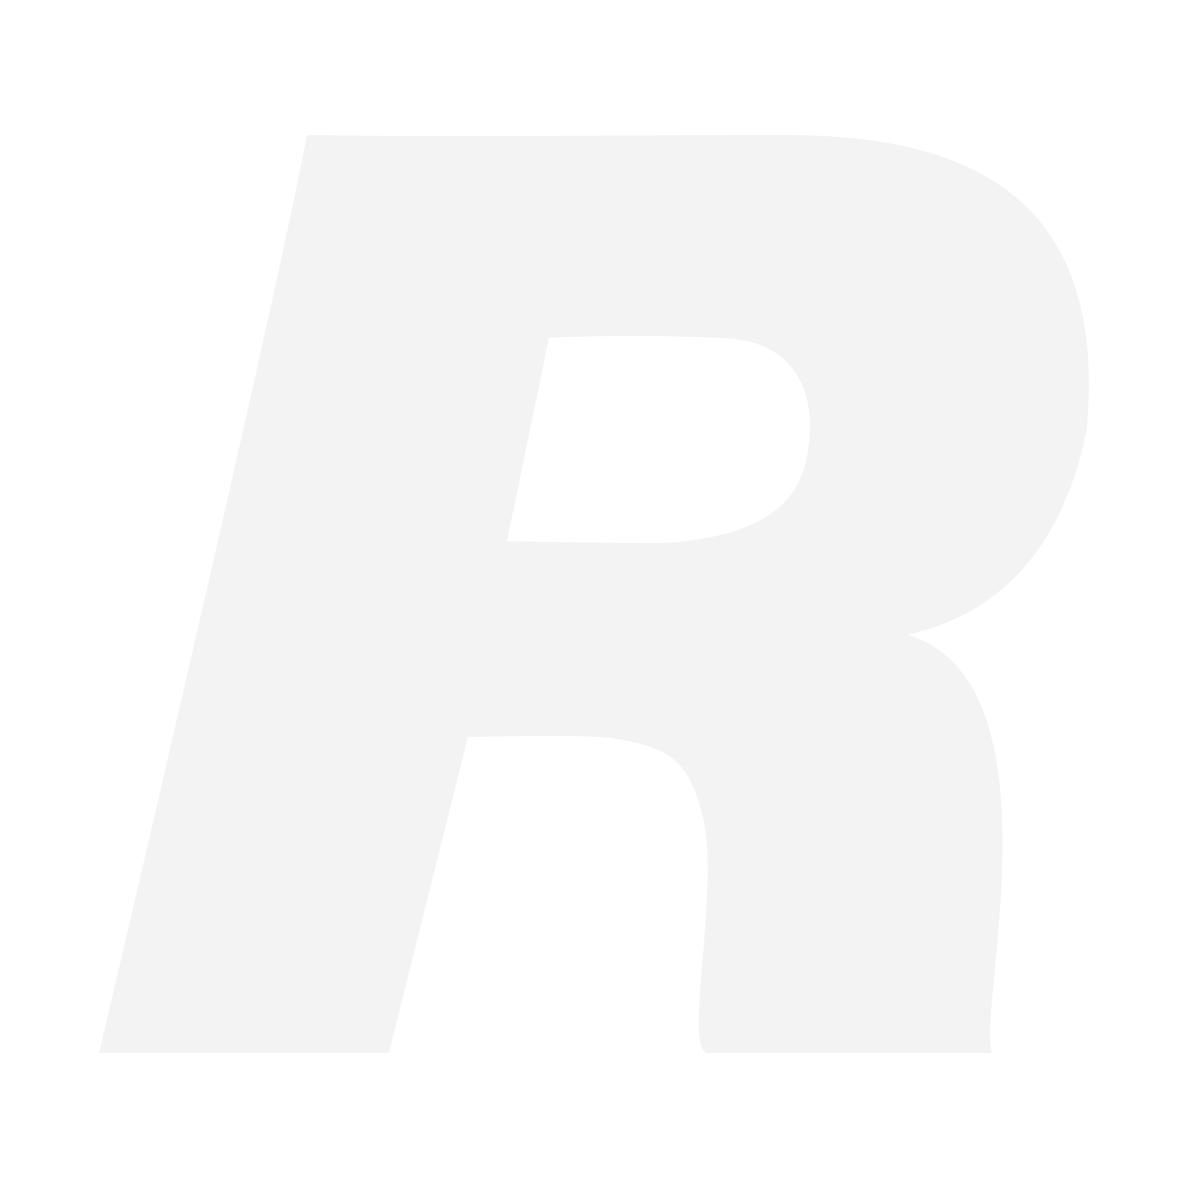 Tamron 28-75/2.8 Di III RXD, Sony FE